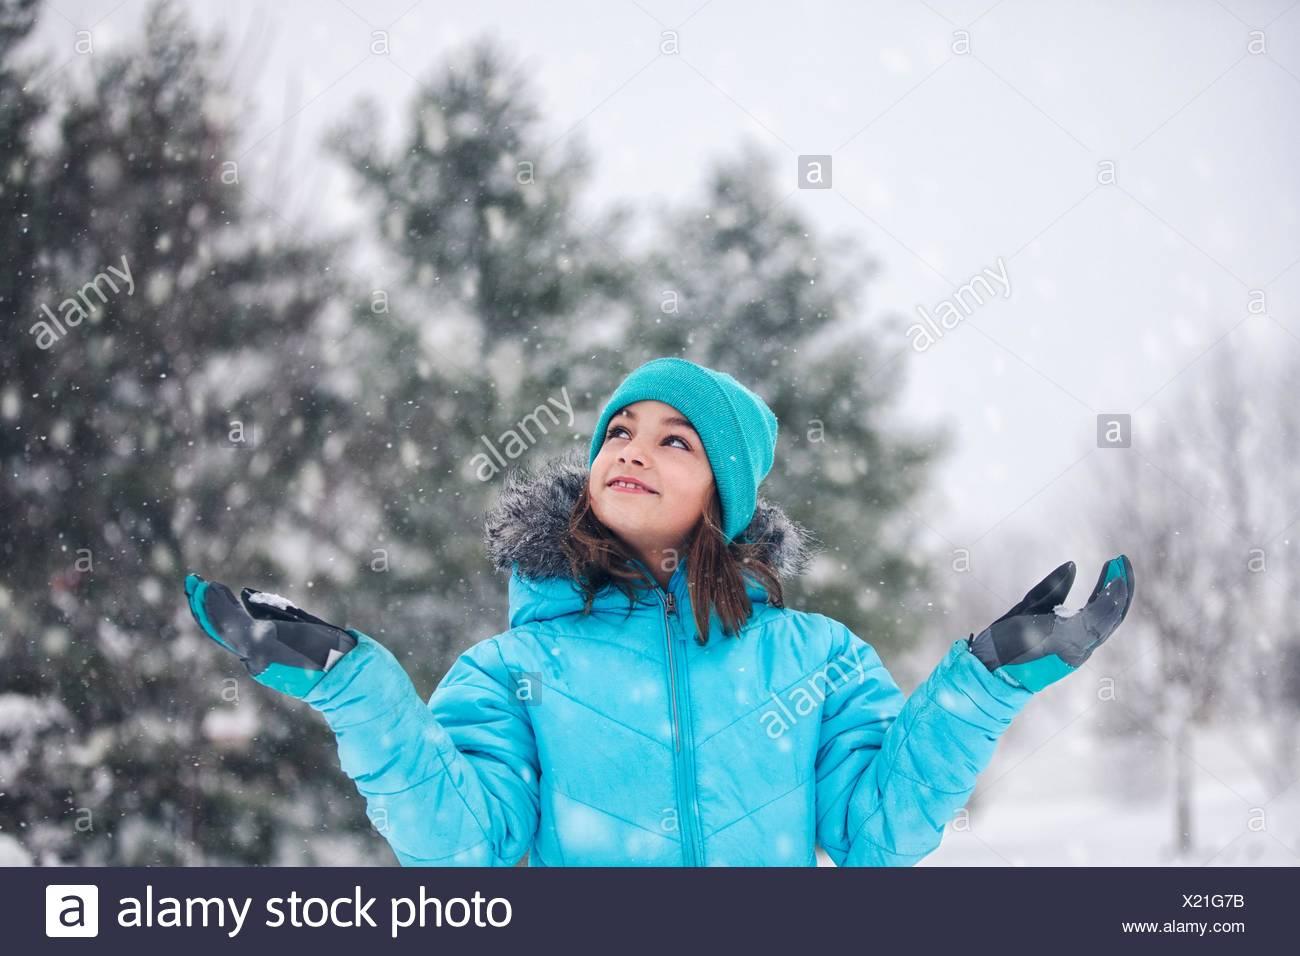 Mädchen tragen Türkis stricken Hut und Mantel, Arme hob, Hände, Schnee, blickte lächelnd zu fangen Stockfoto